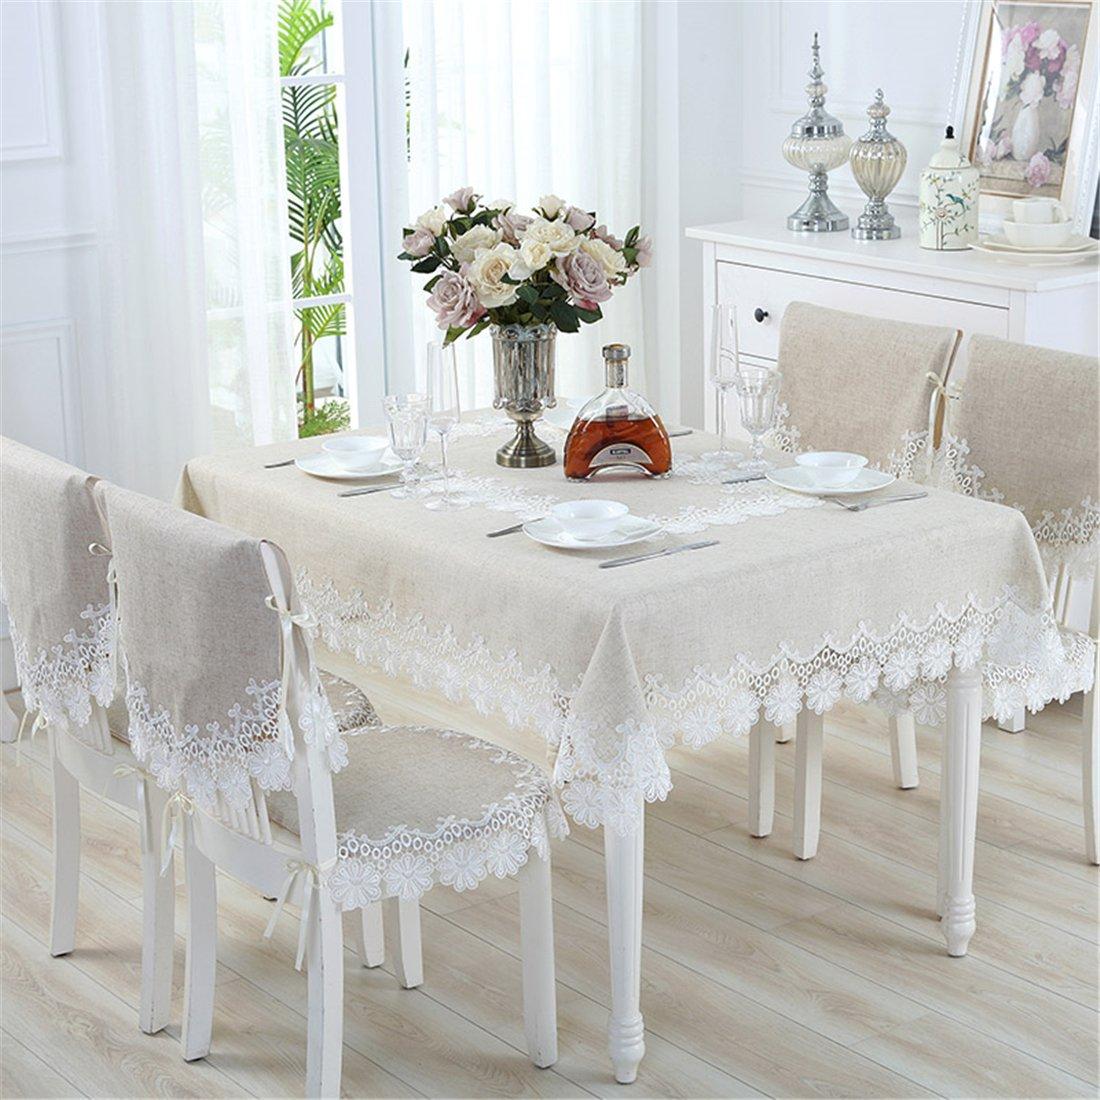 taixiuhome Beige lino y algodón encaje Comedor Mantel de banquete boda fiesta decoración para el hogar funda para mesa, algodón mixto, beige, 24x24 inch (60x60cm)